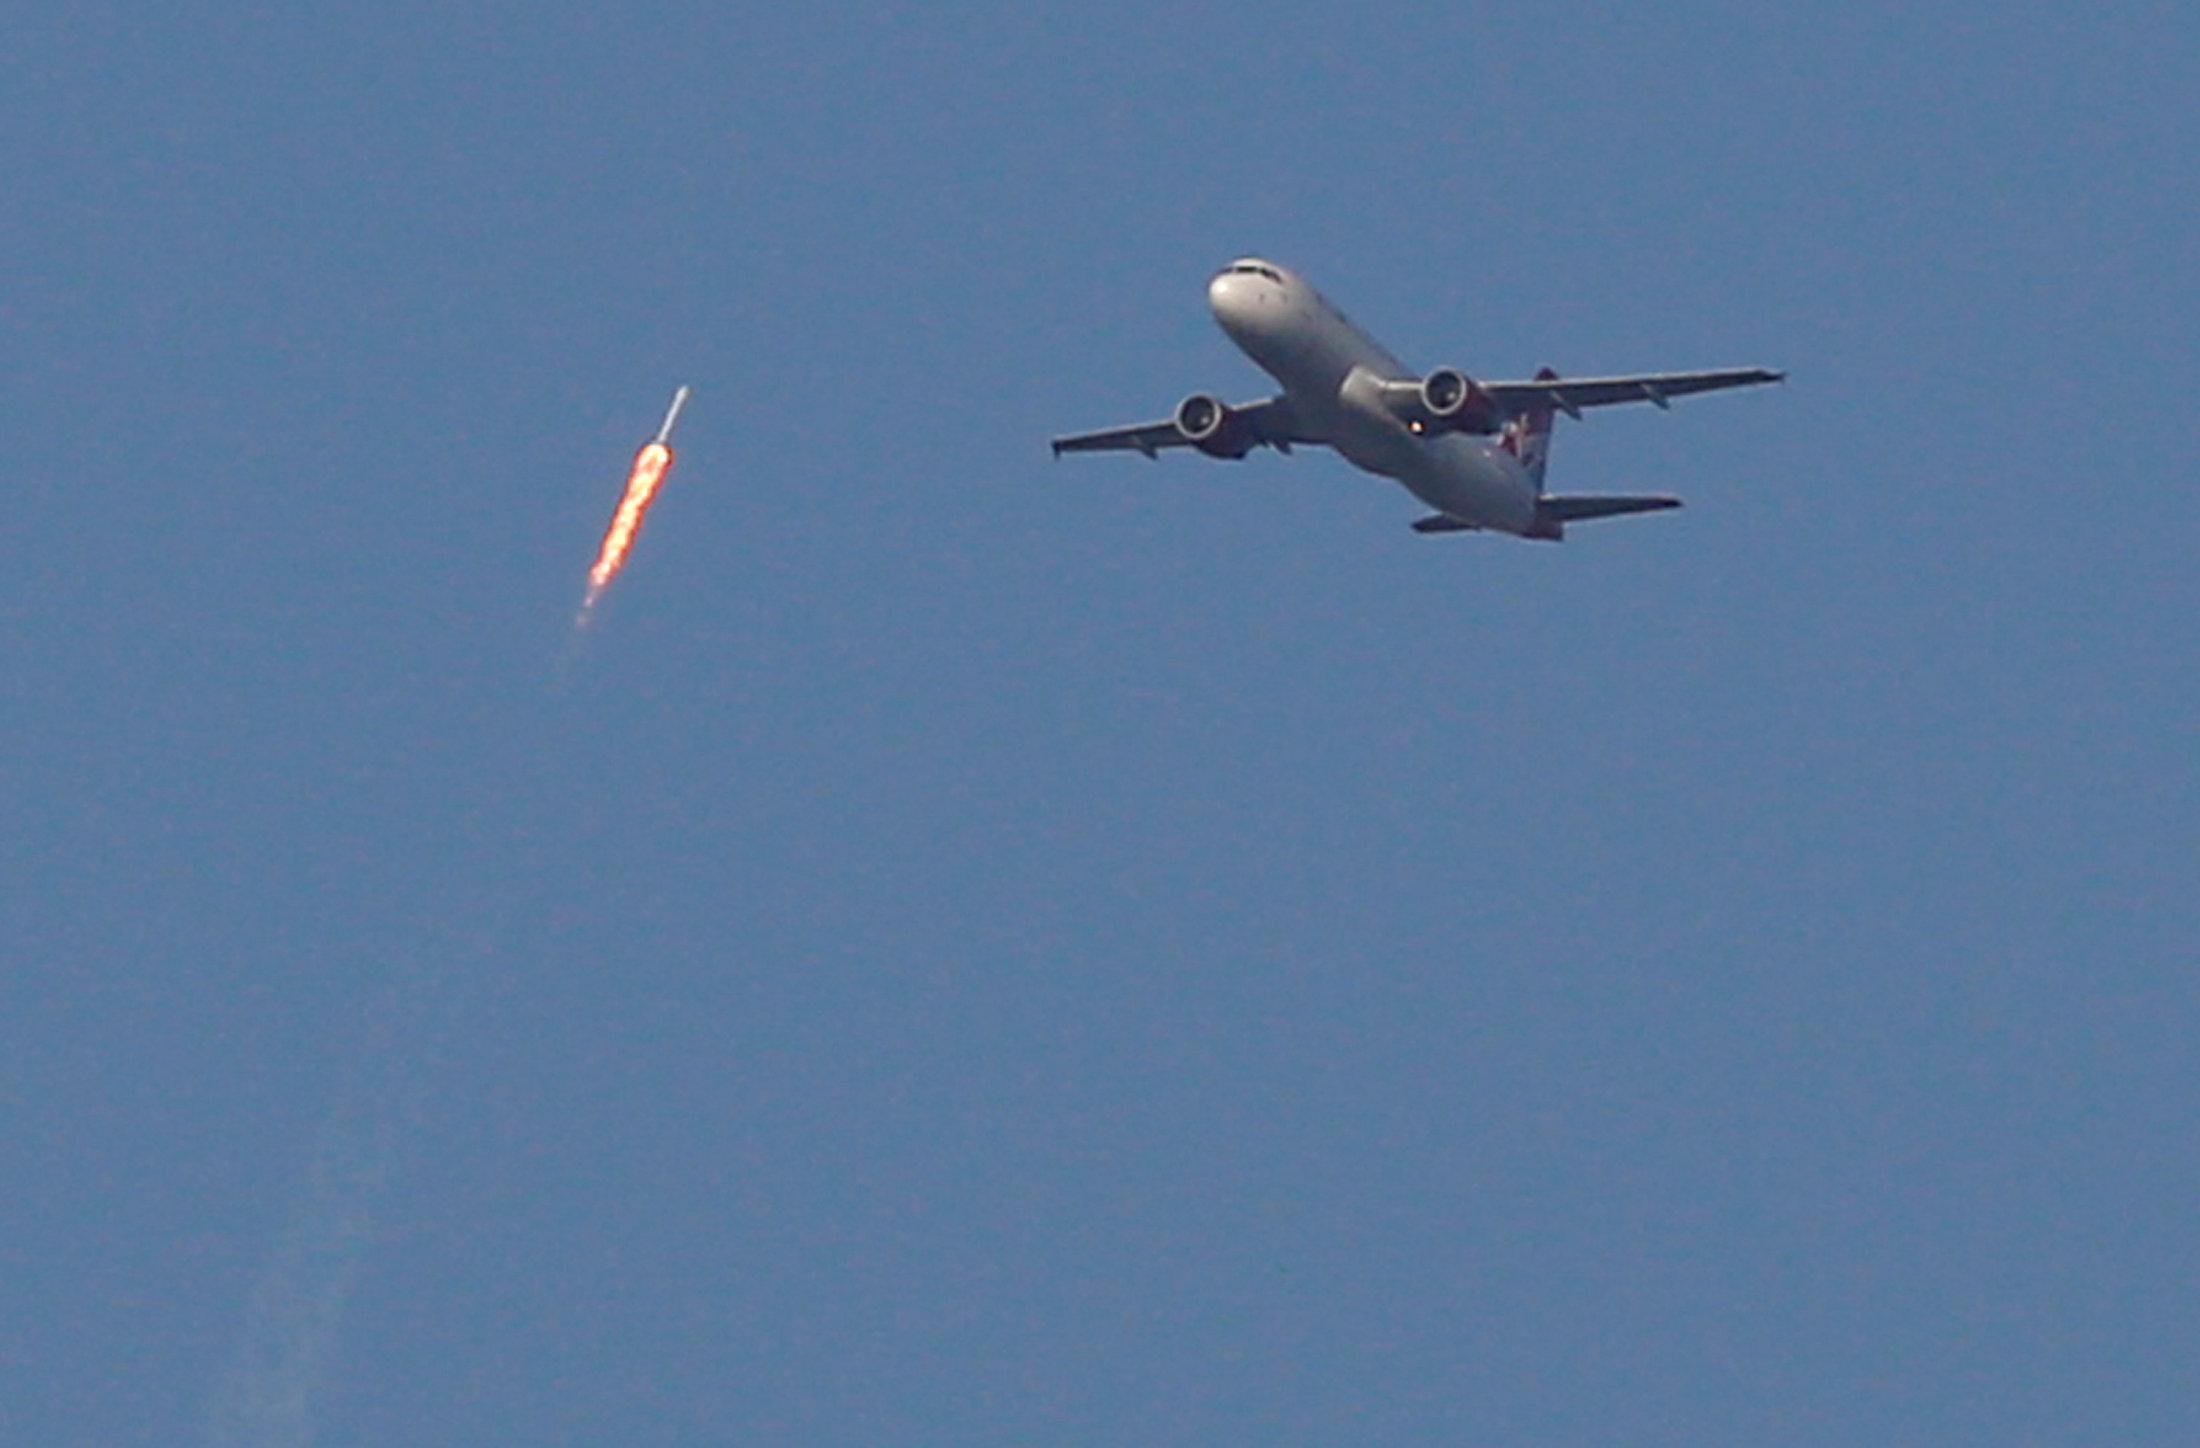 مرور صاروخ فضاء بجوار طائرة ركاب